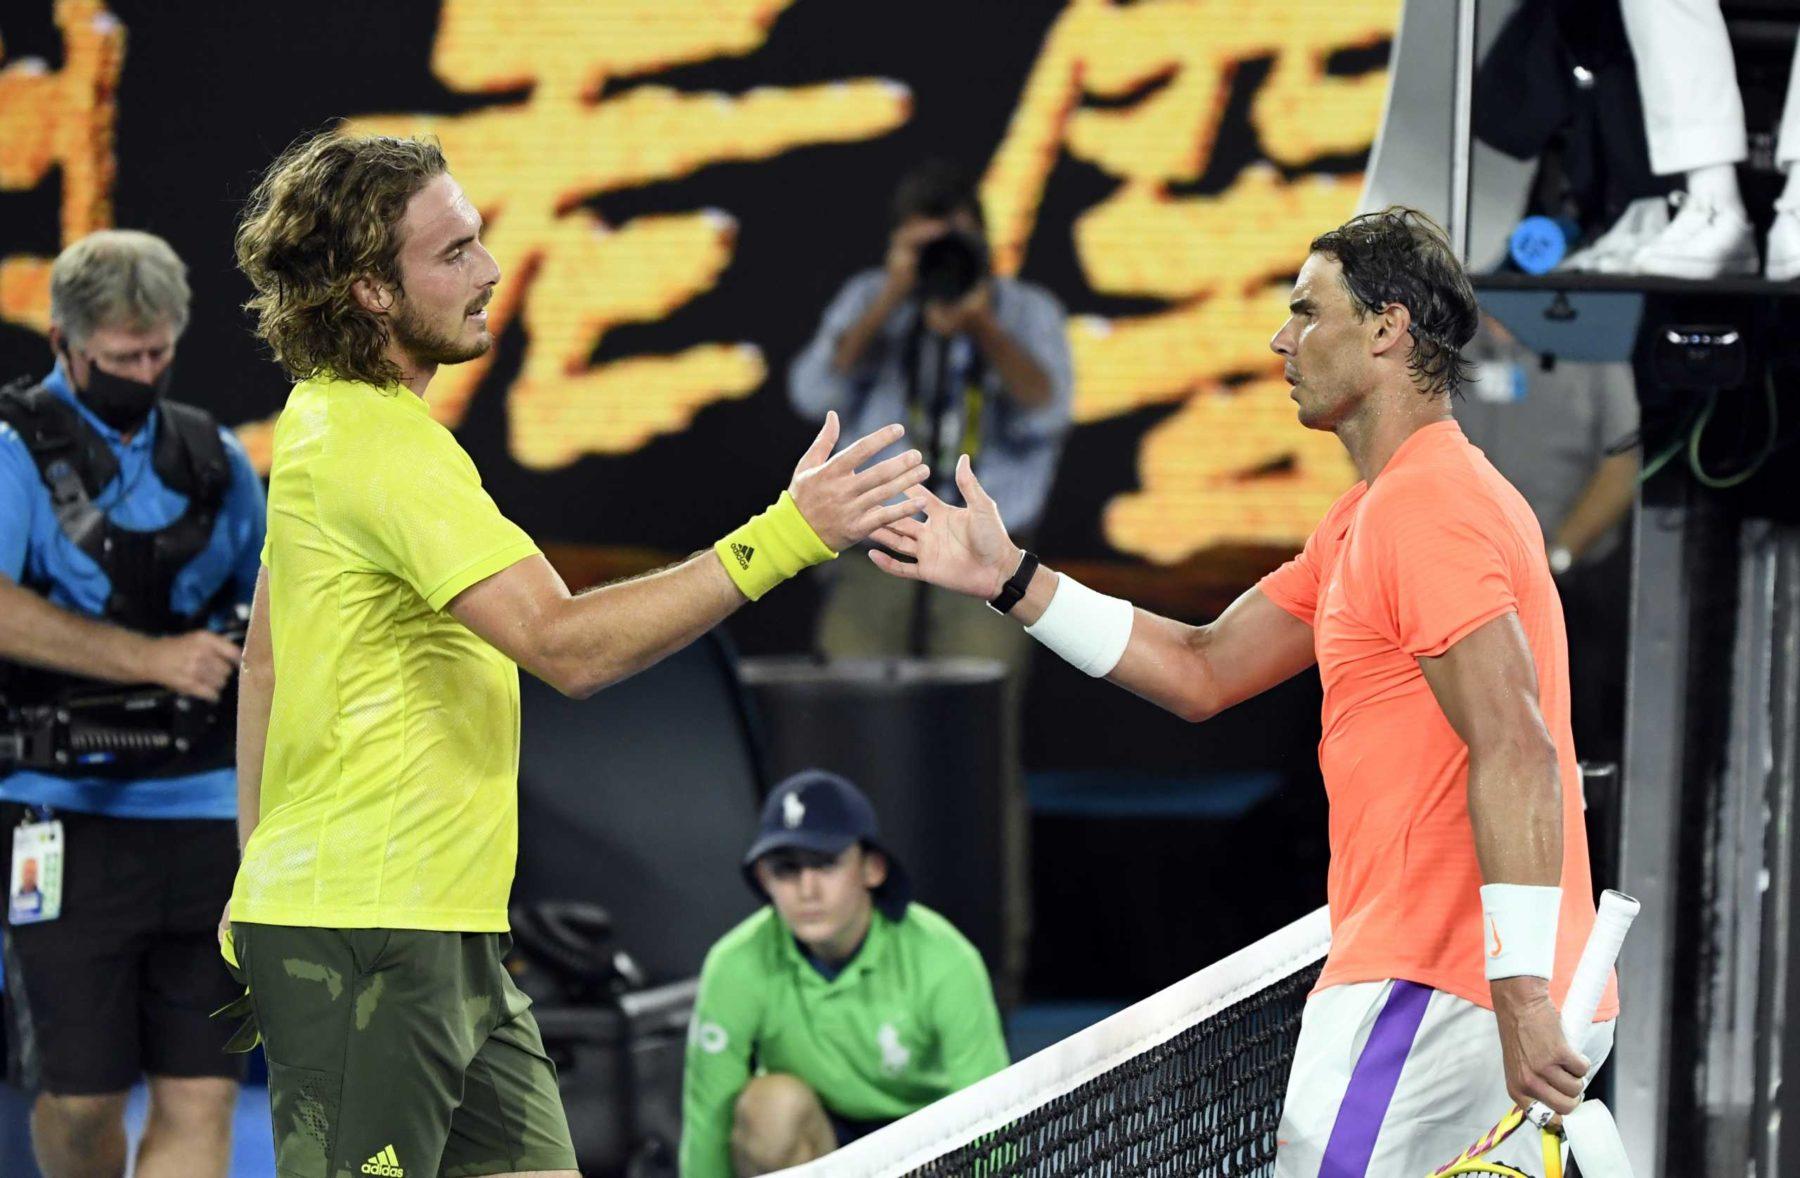 Σπουδαία νίκη του Τσιτσιπά χαμόγελα για τους Έλληνες που βρέθηκαν στο Australian Open